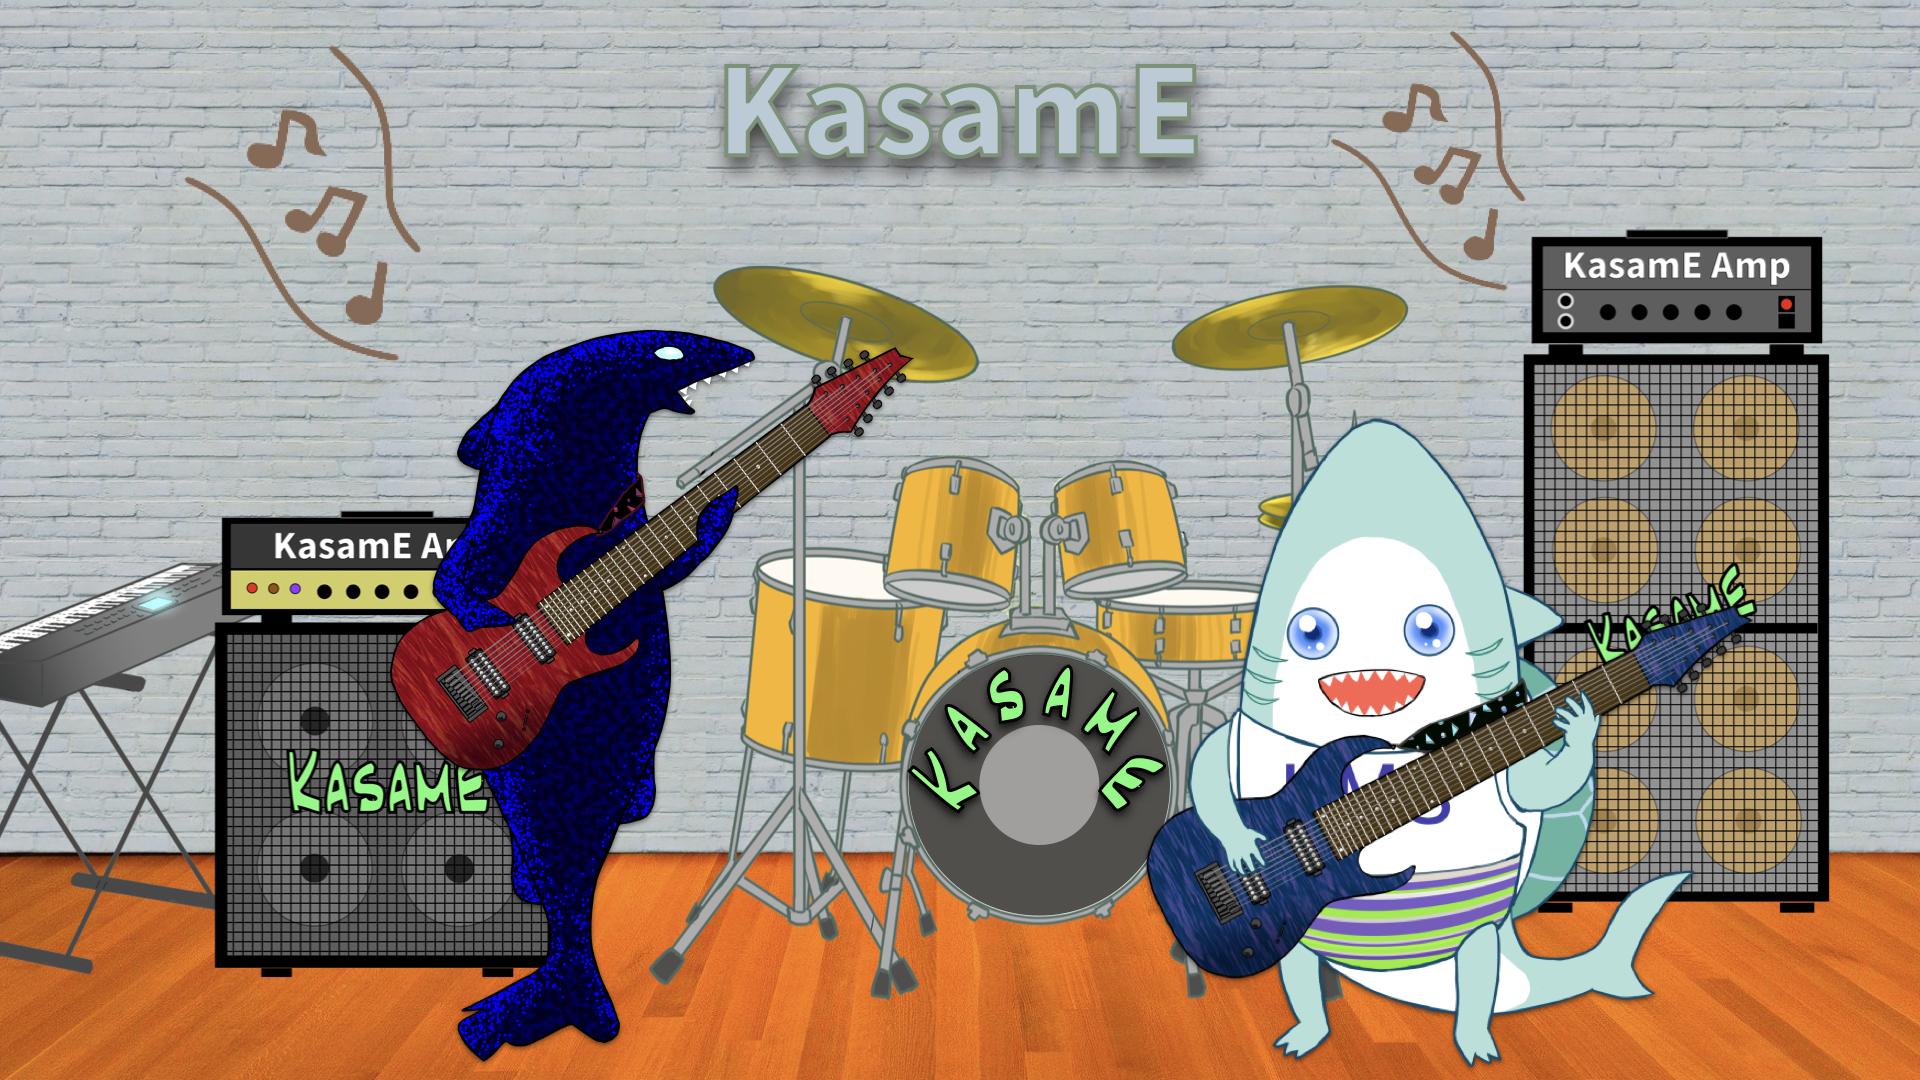 カサメミュージックスクール多弦ギター科、教室風景イラスト